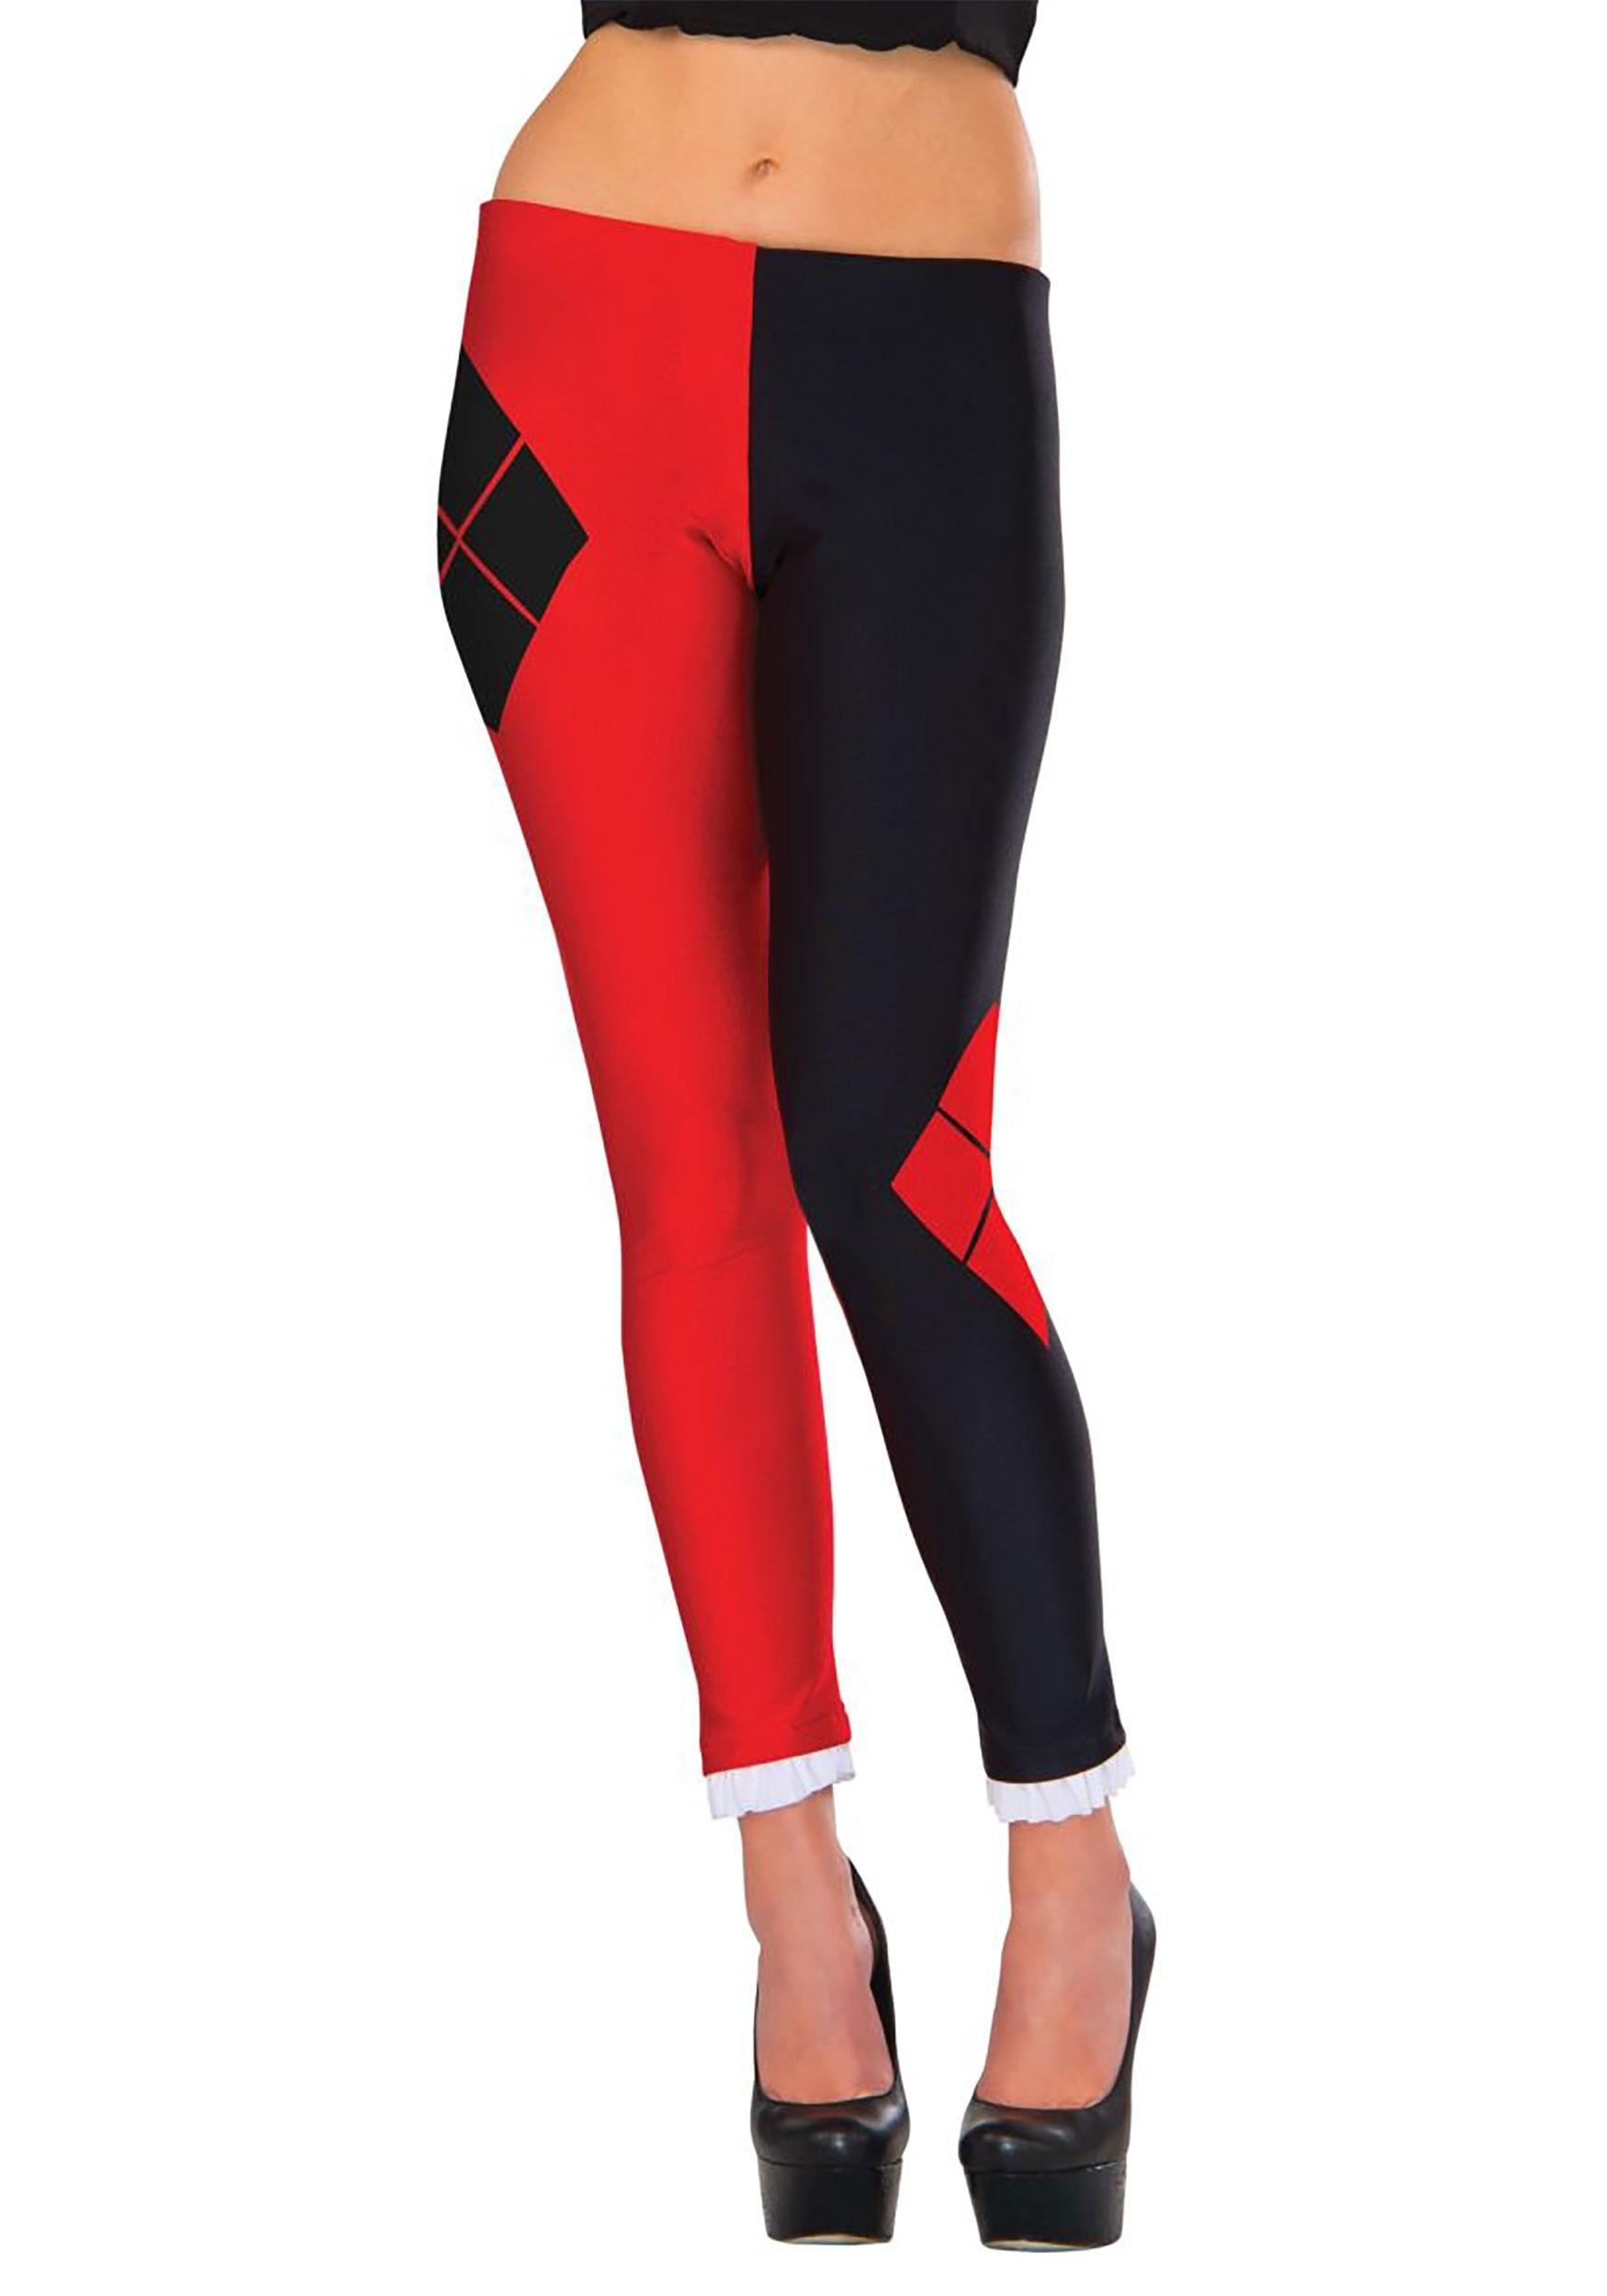 66d59167b Harley Quinn Women's Leggings